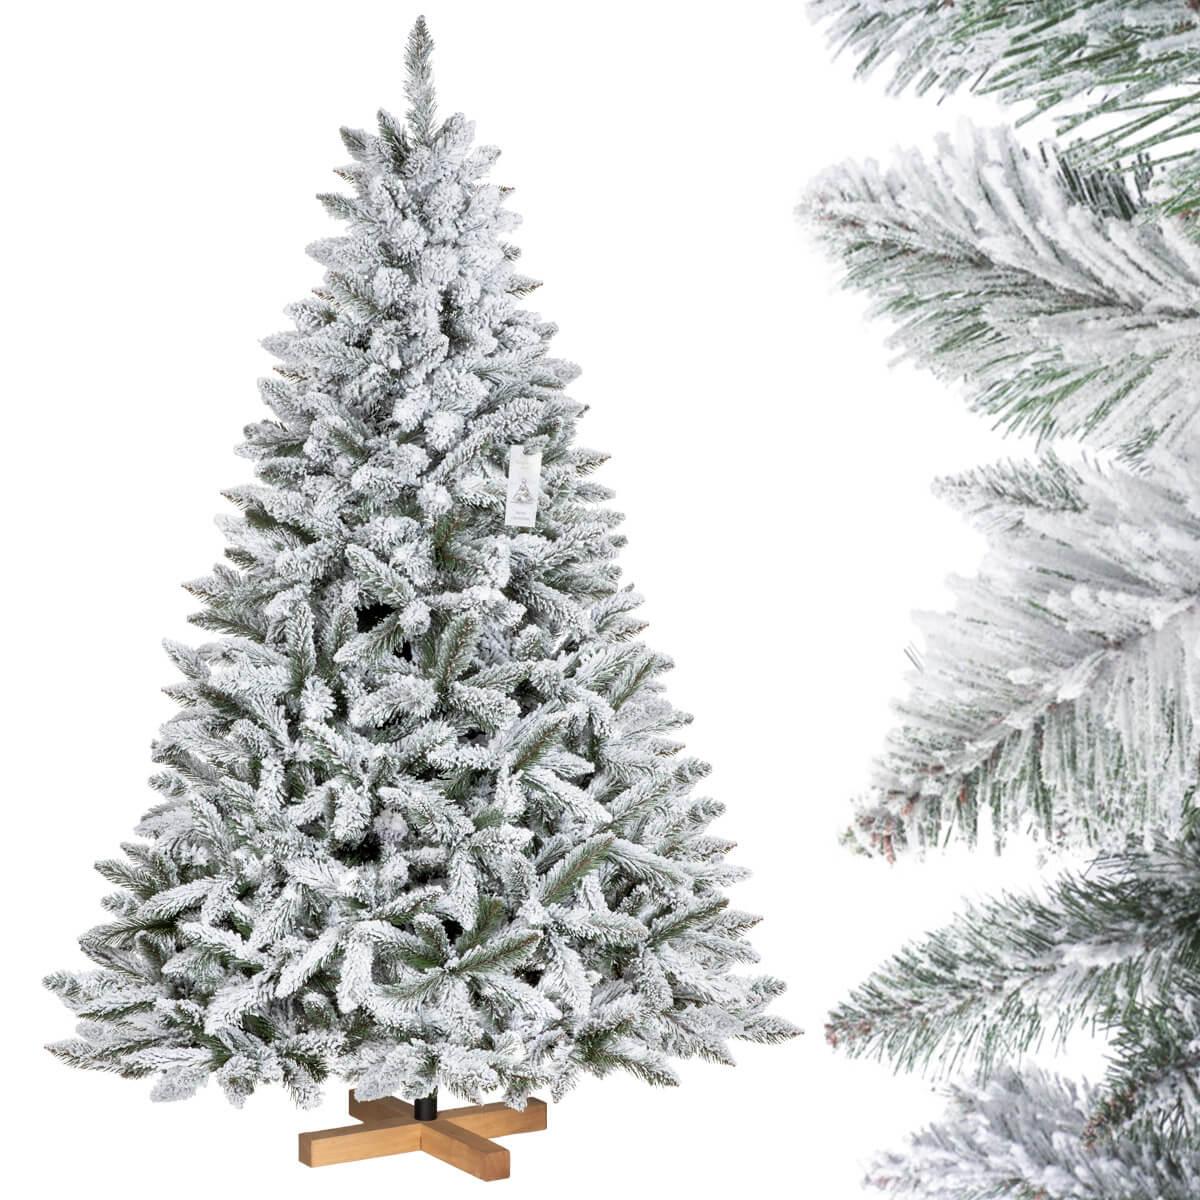 k nstlicher weihnachtsbaum fichte natur weiss mit schneeflocken jumbo shop. Black Bedroom Furniture Sets. Home Design Ideas